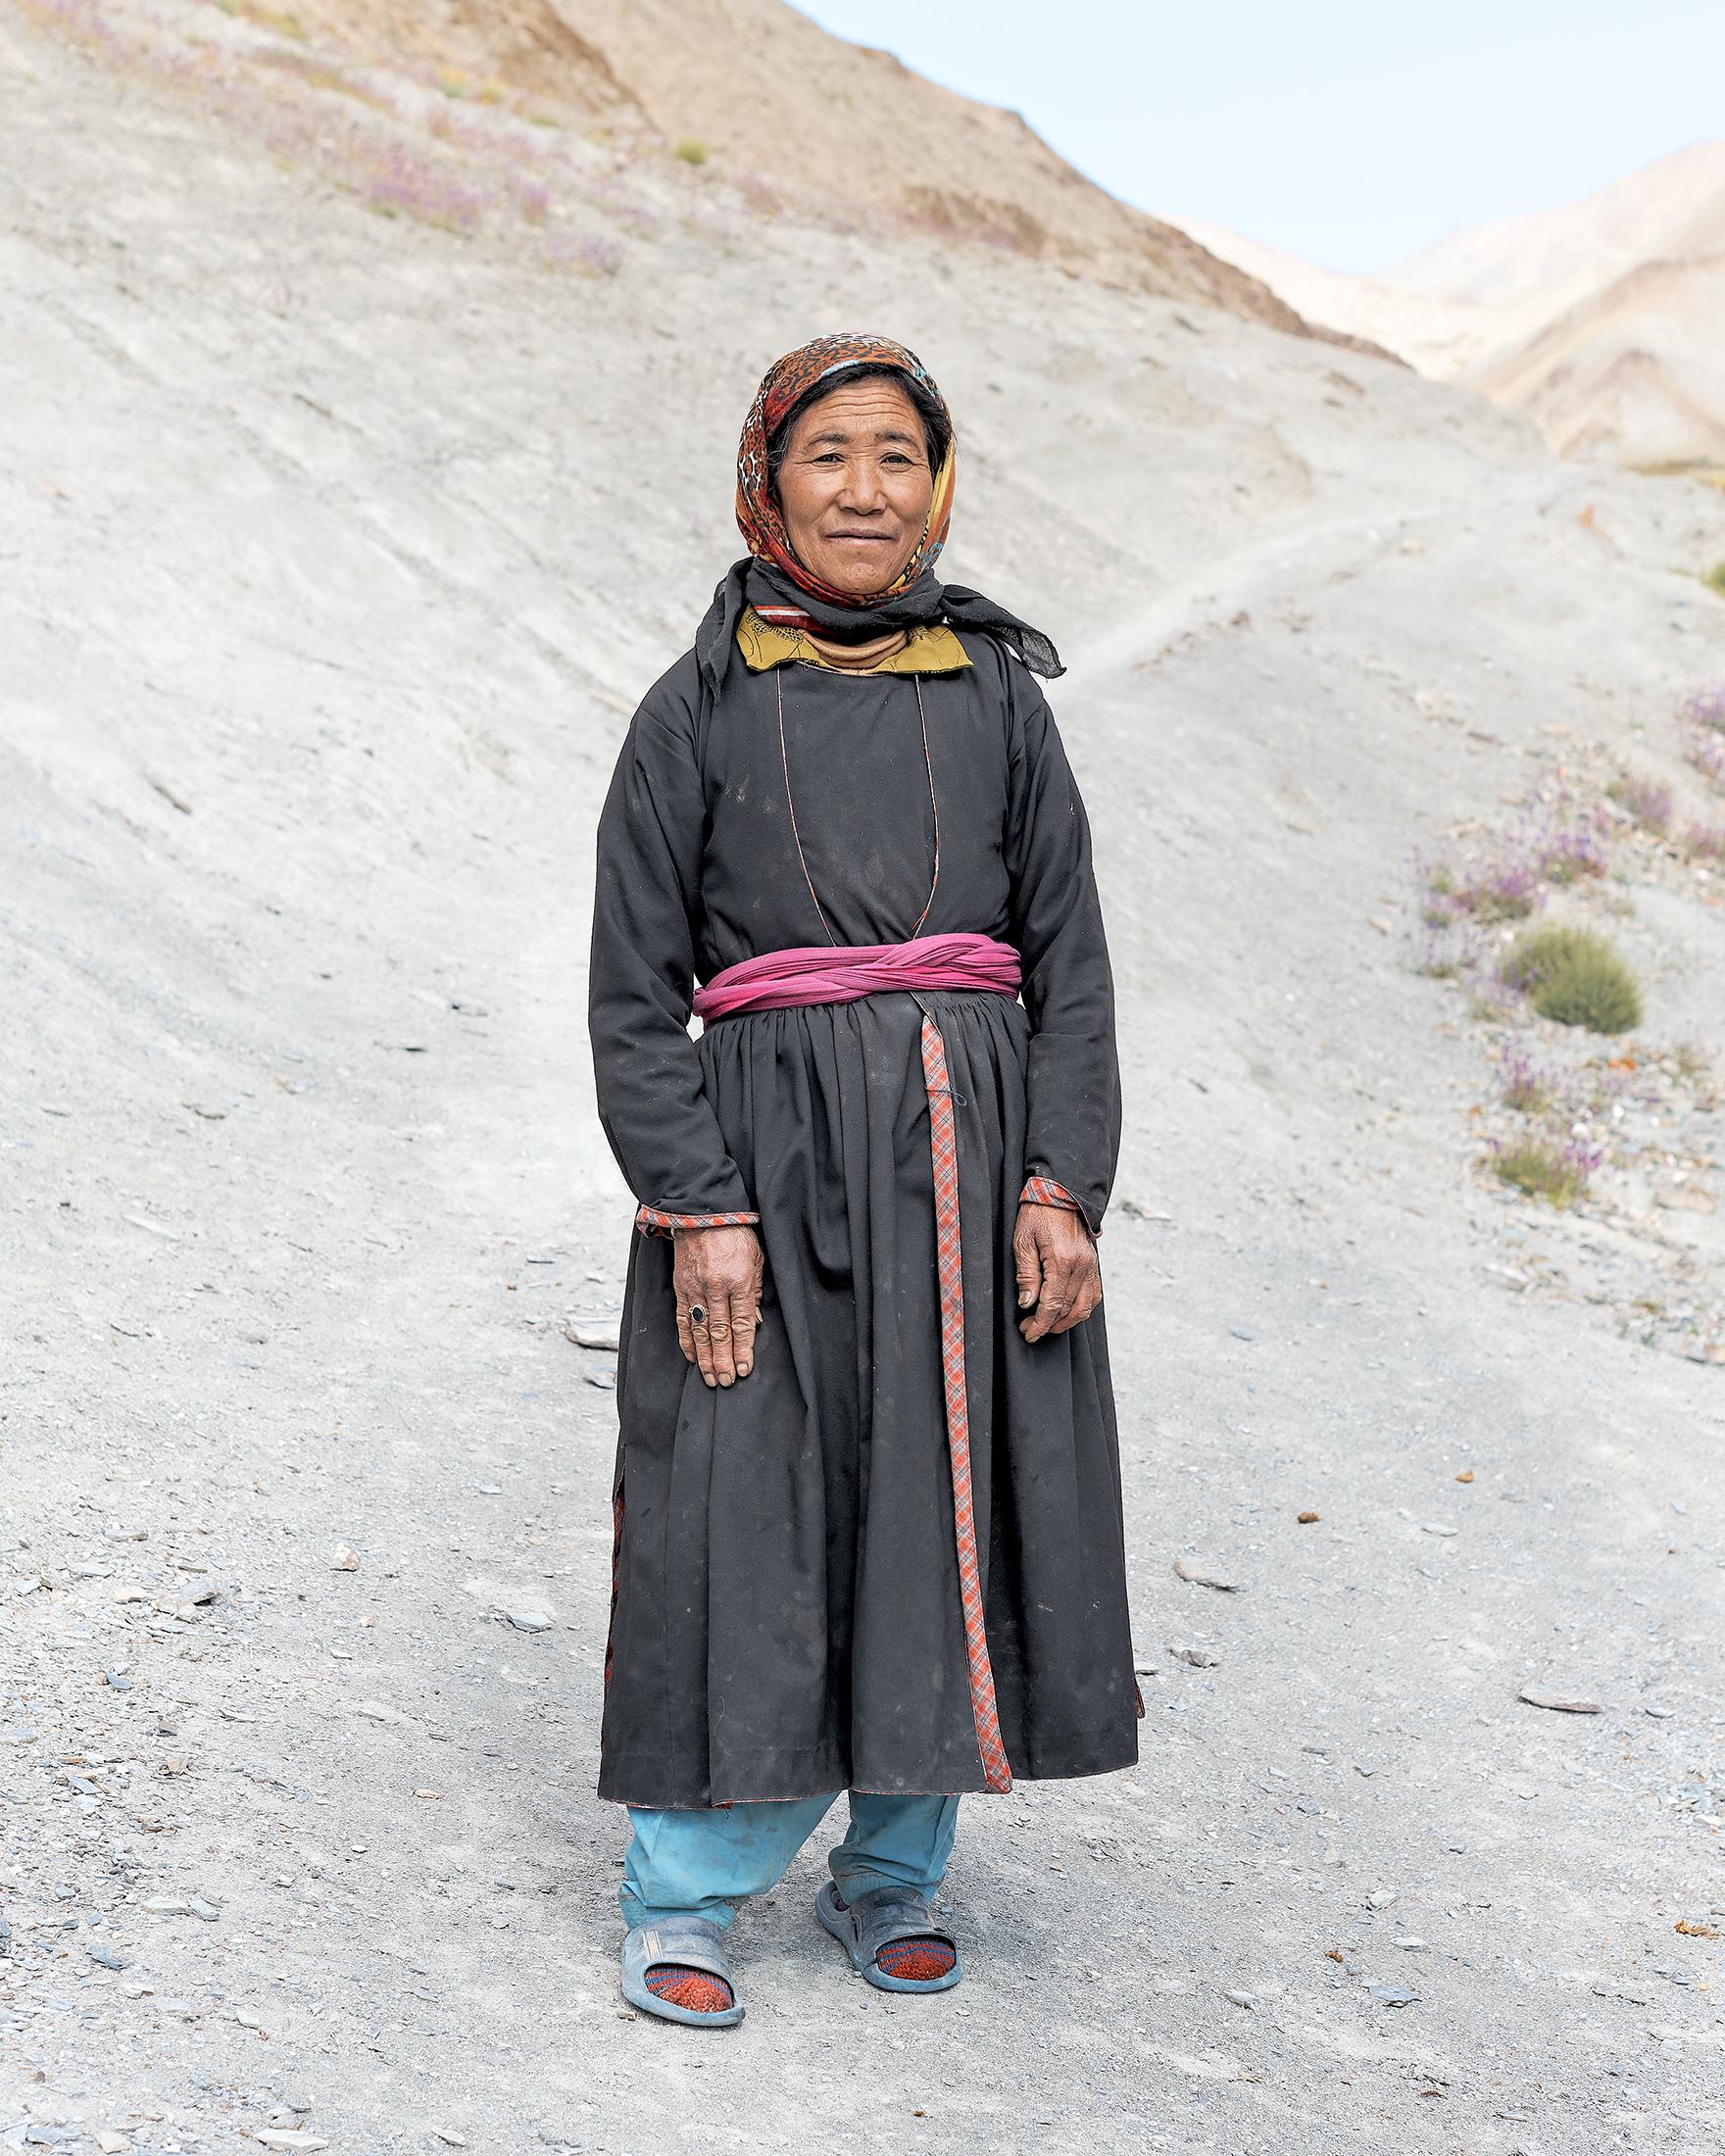 Padma, Zanskar Valley, Ladakh, 2017